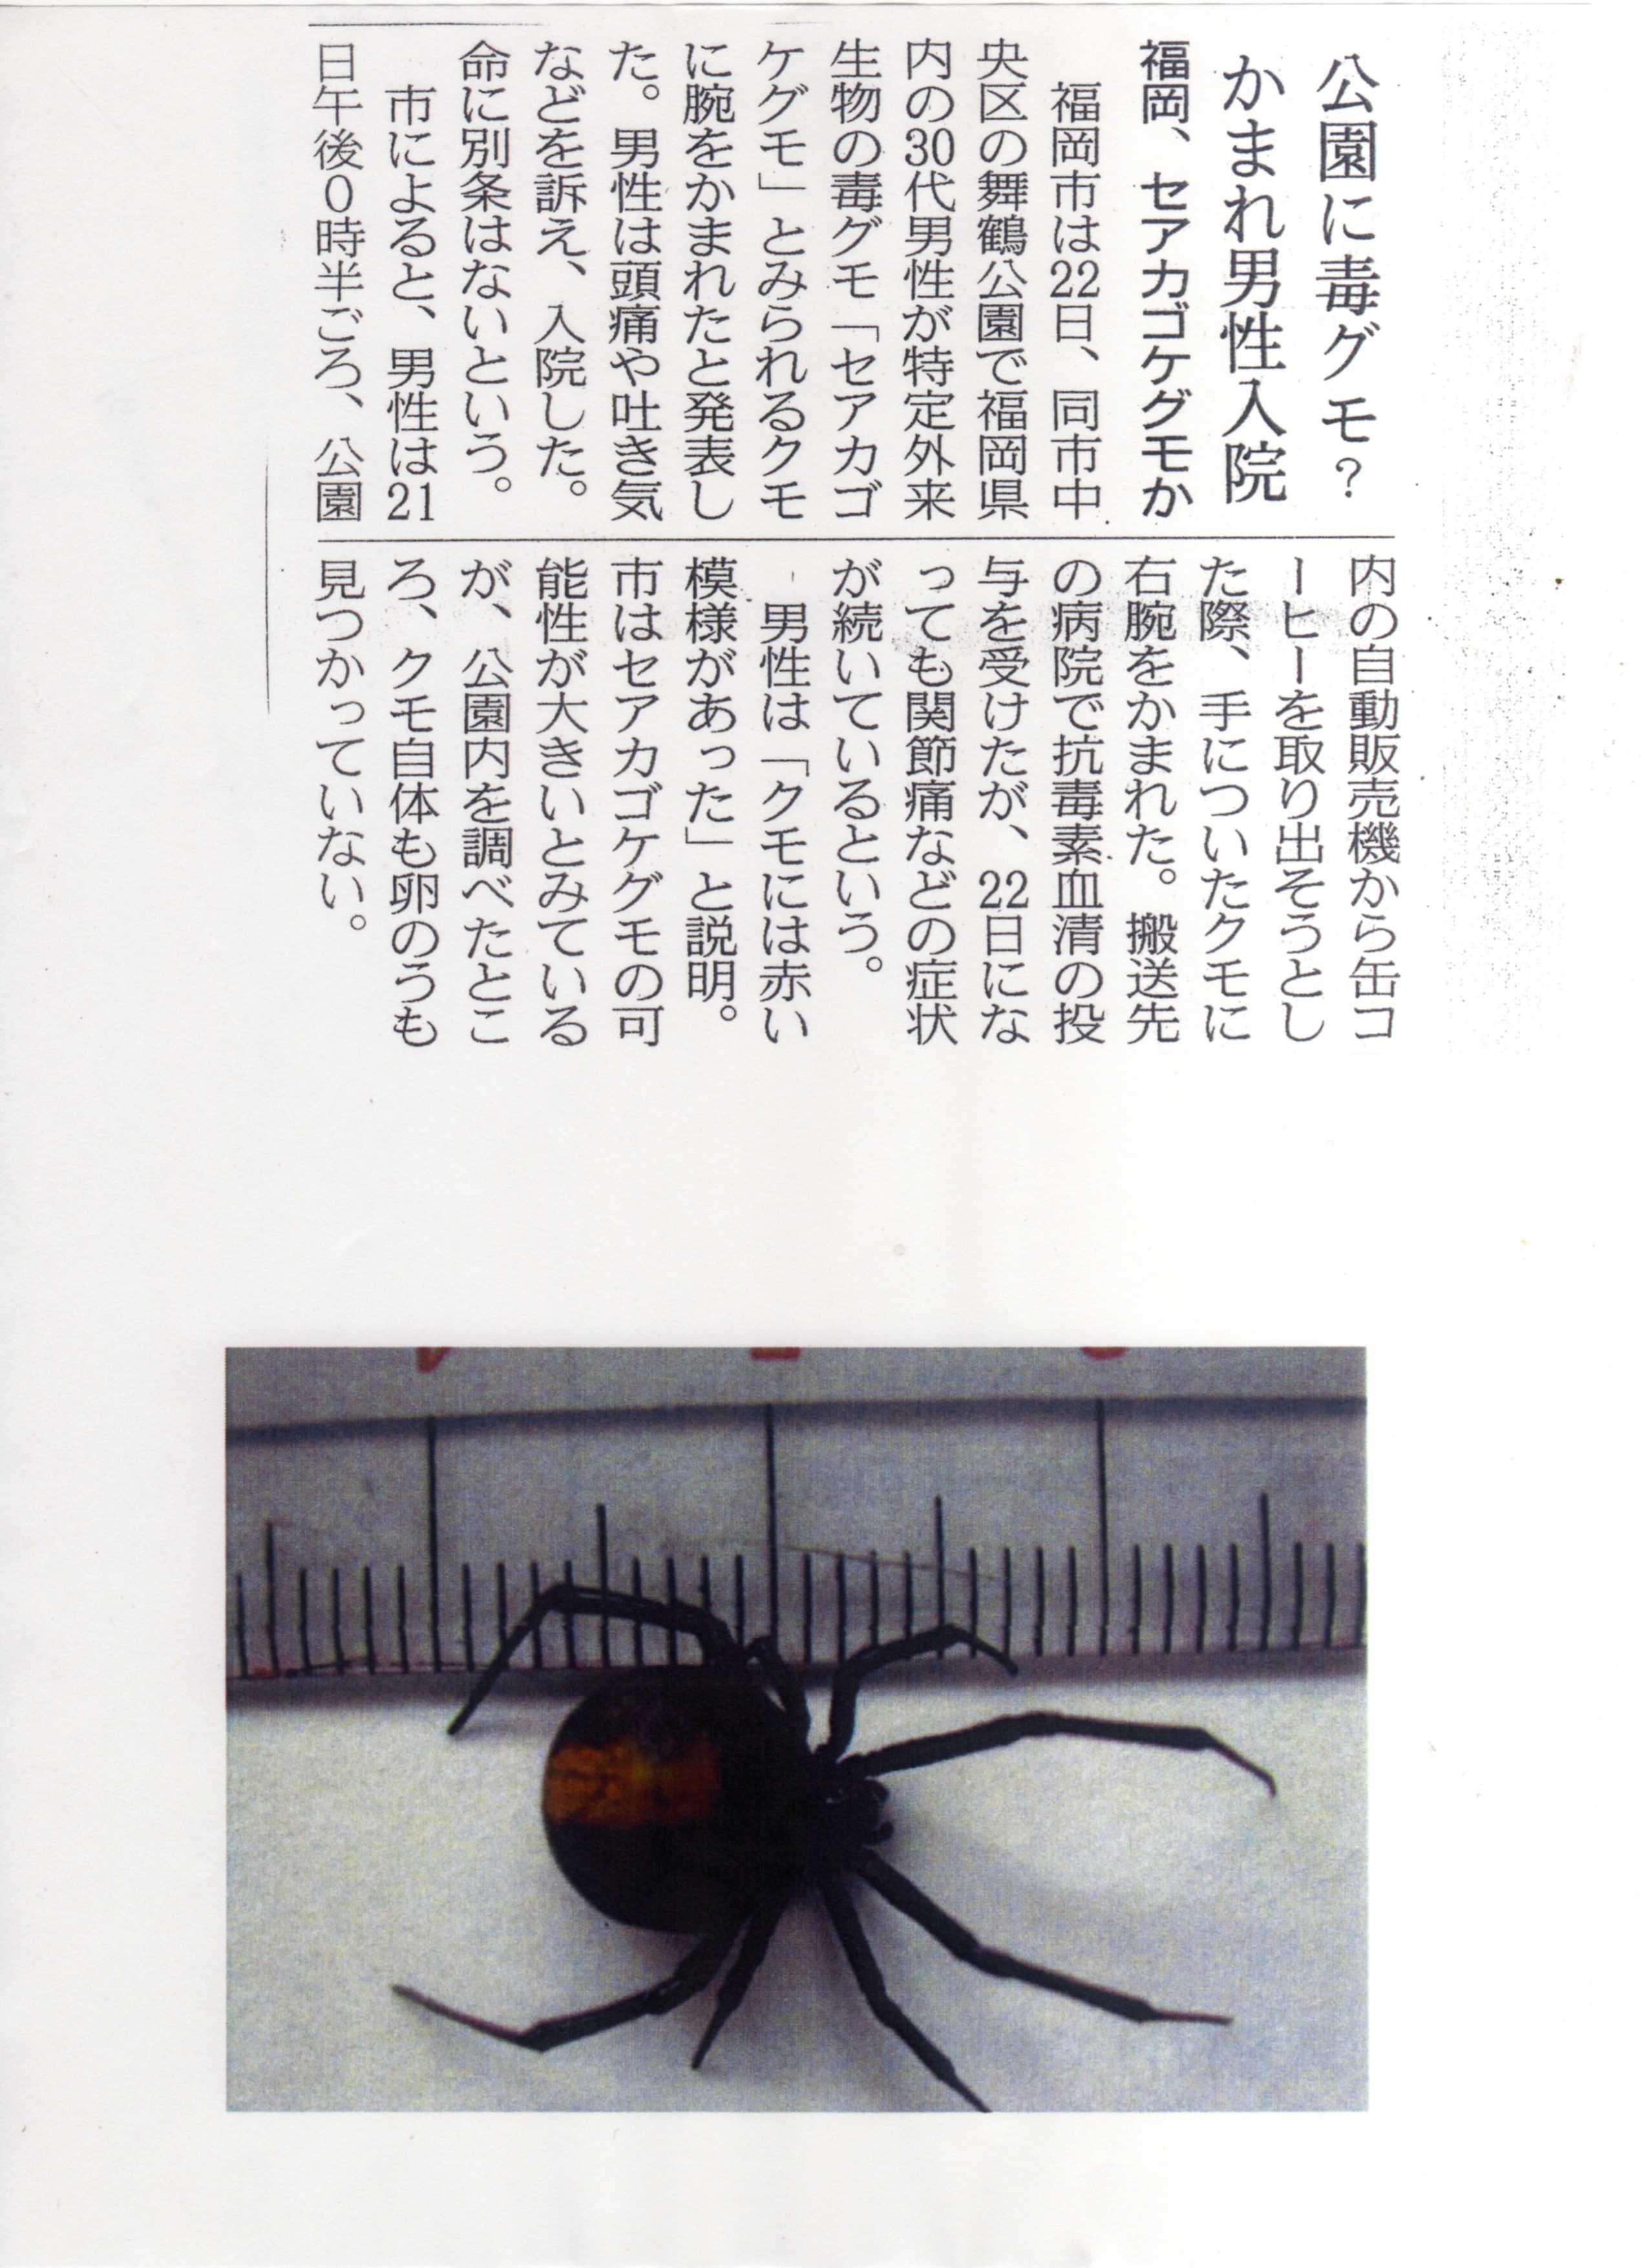 舞鶴公園での注意事項!